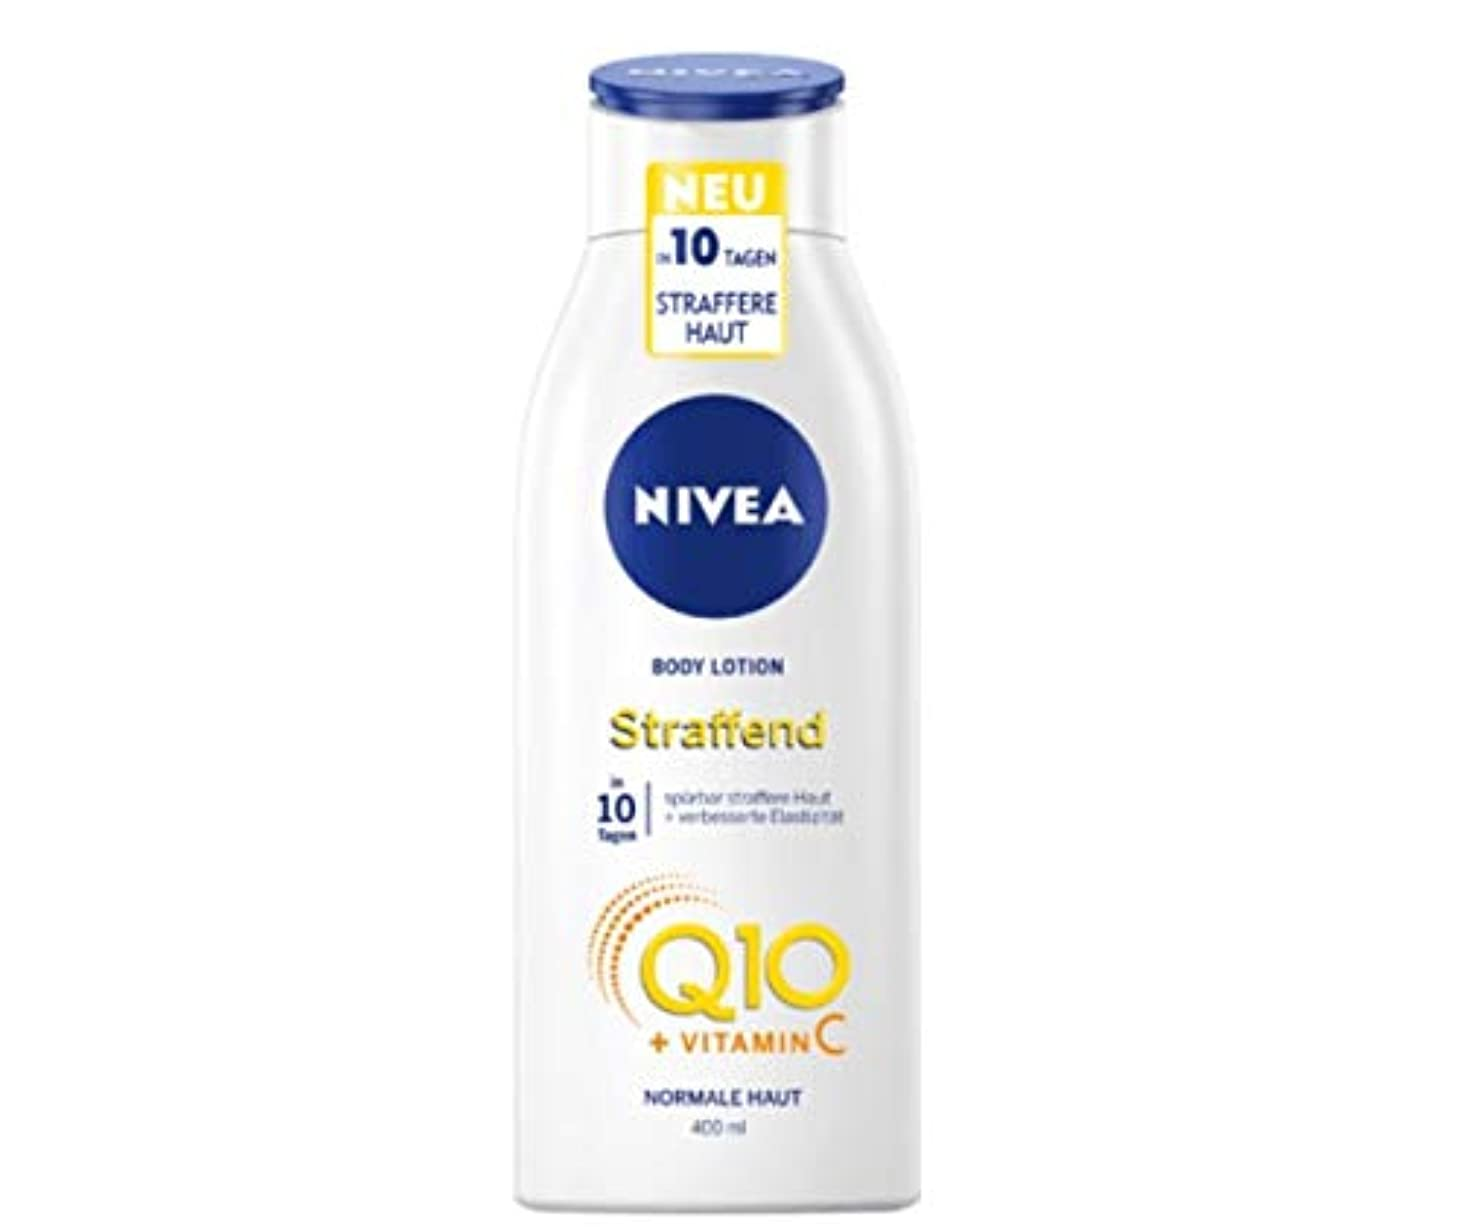 シンジケート最大毎日ニベア Nivea Q10 ビタミンC ボディーローション 400ml [並行輸入品]